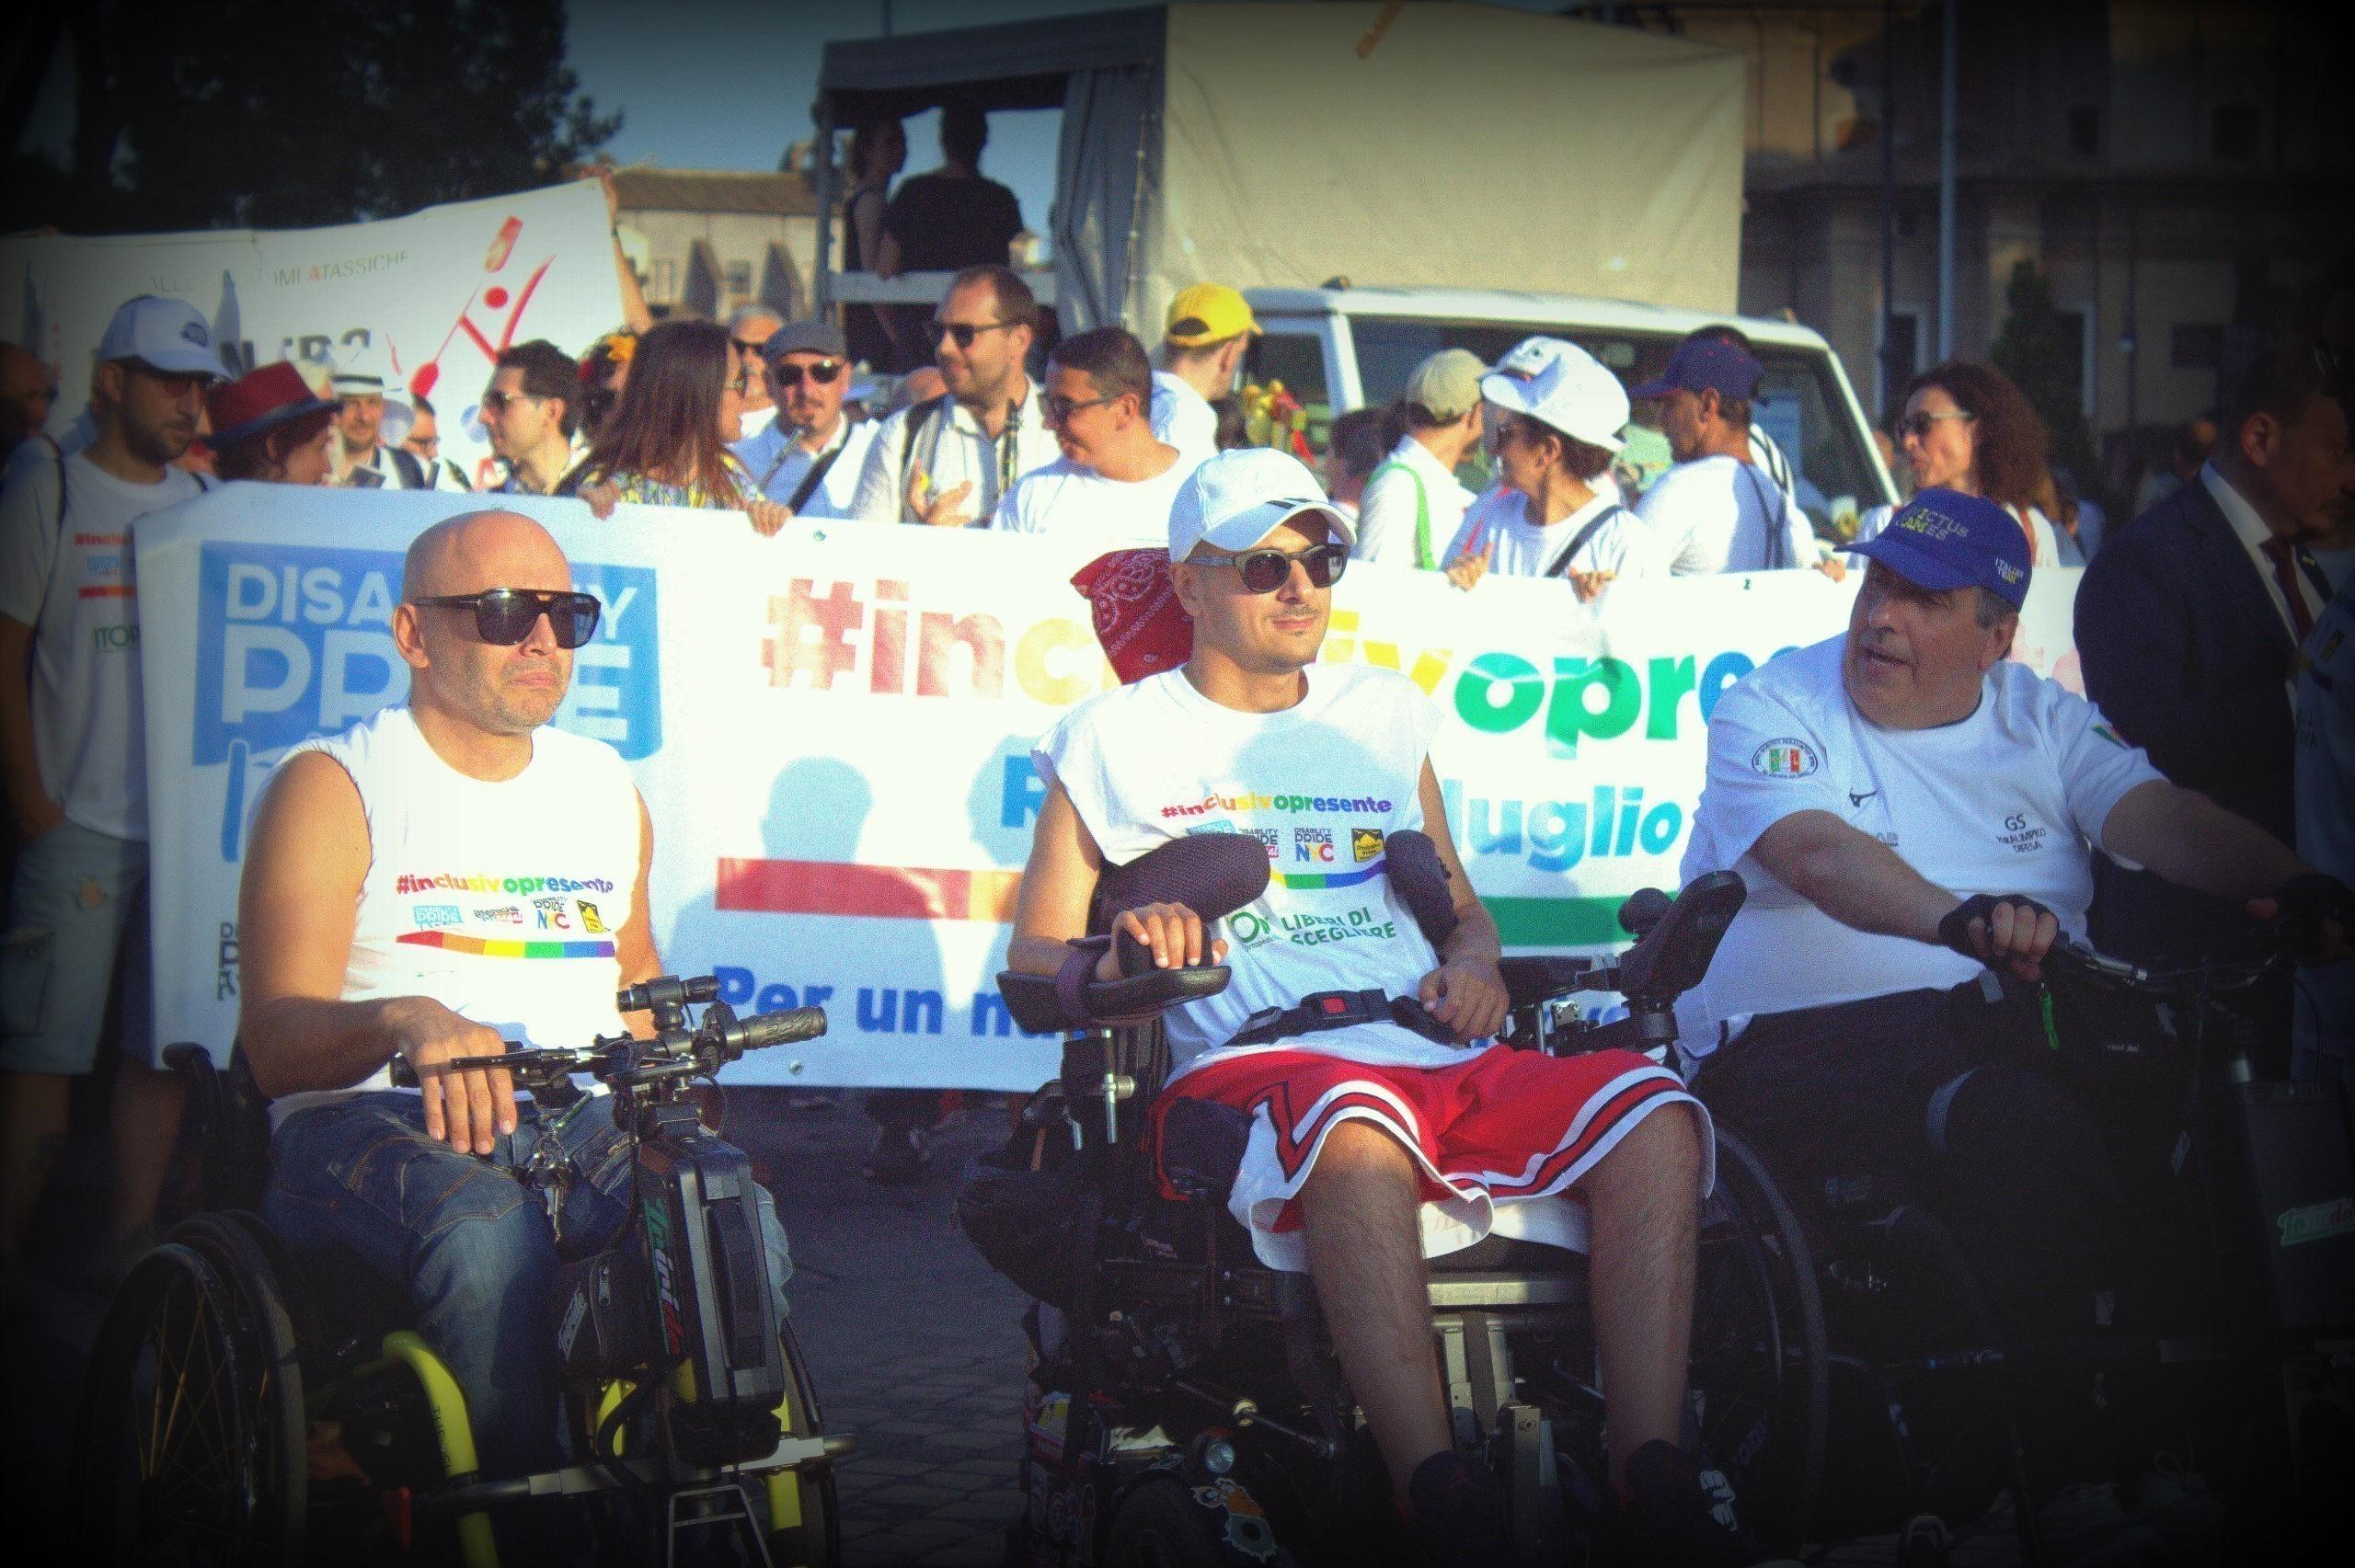 Il Disability Pride sbarca in televisione